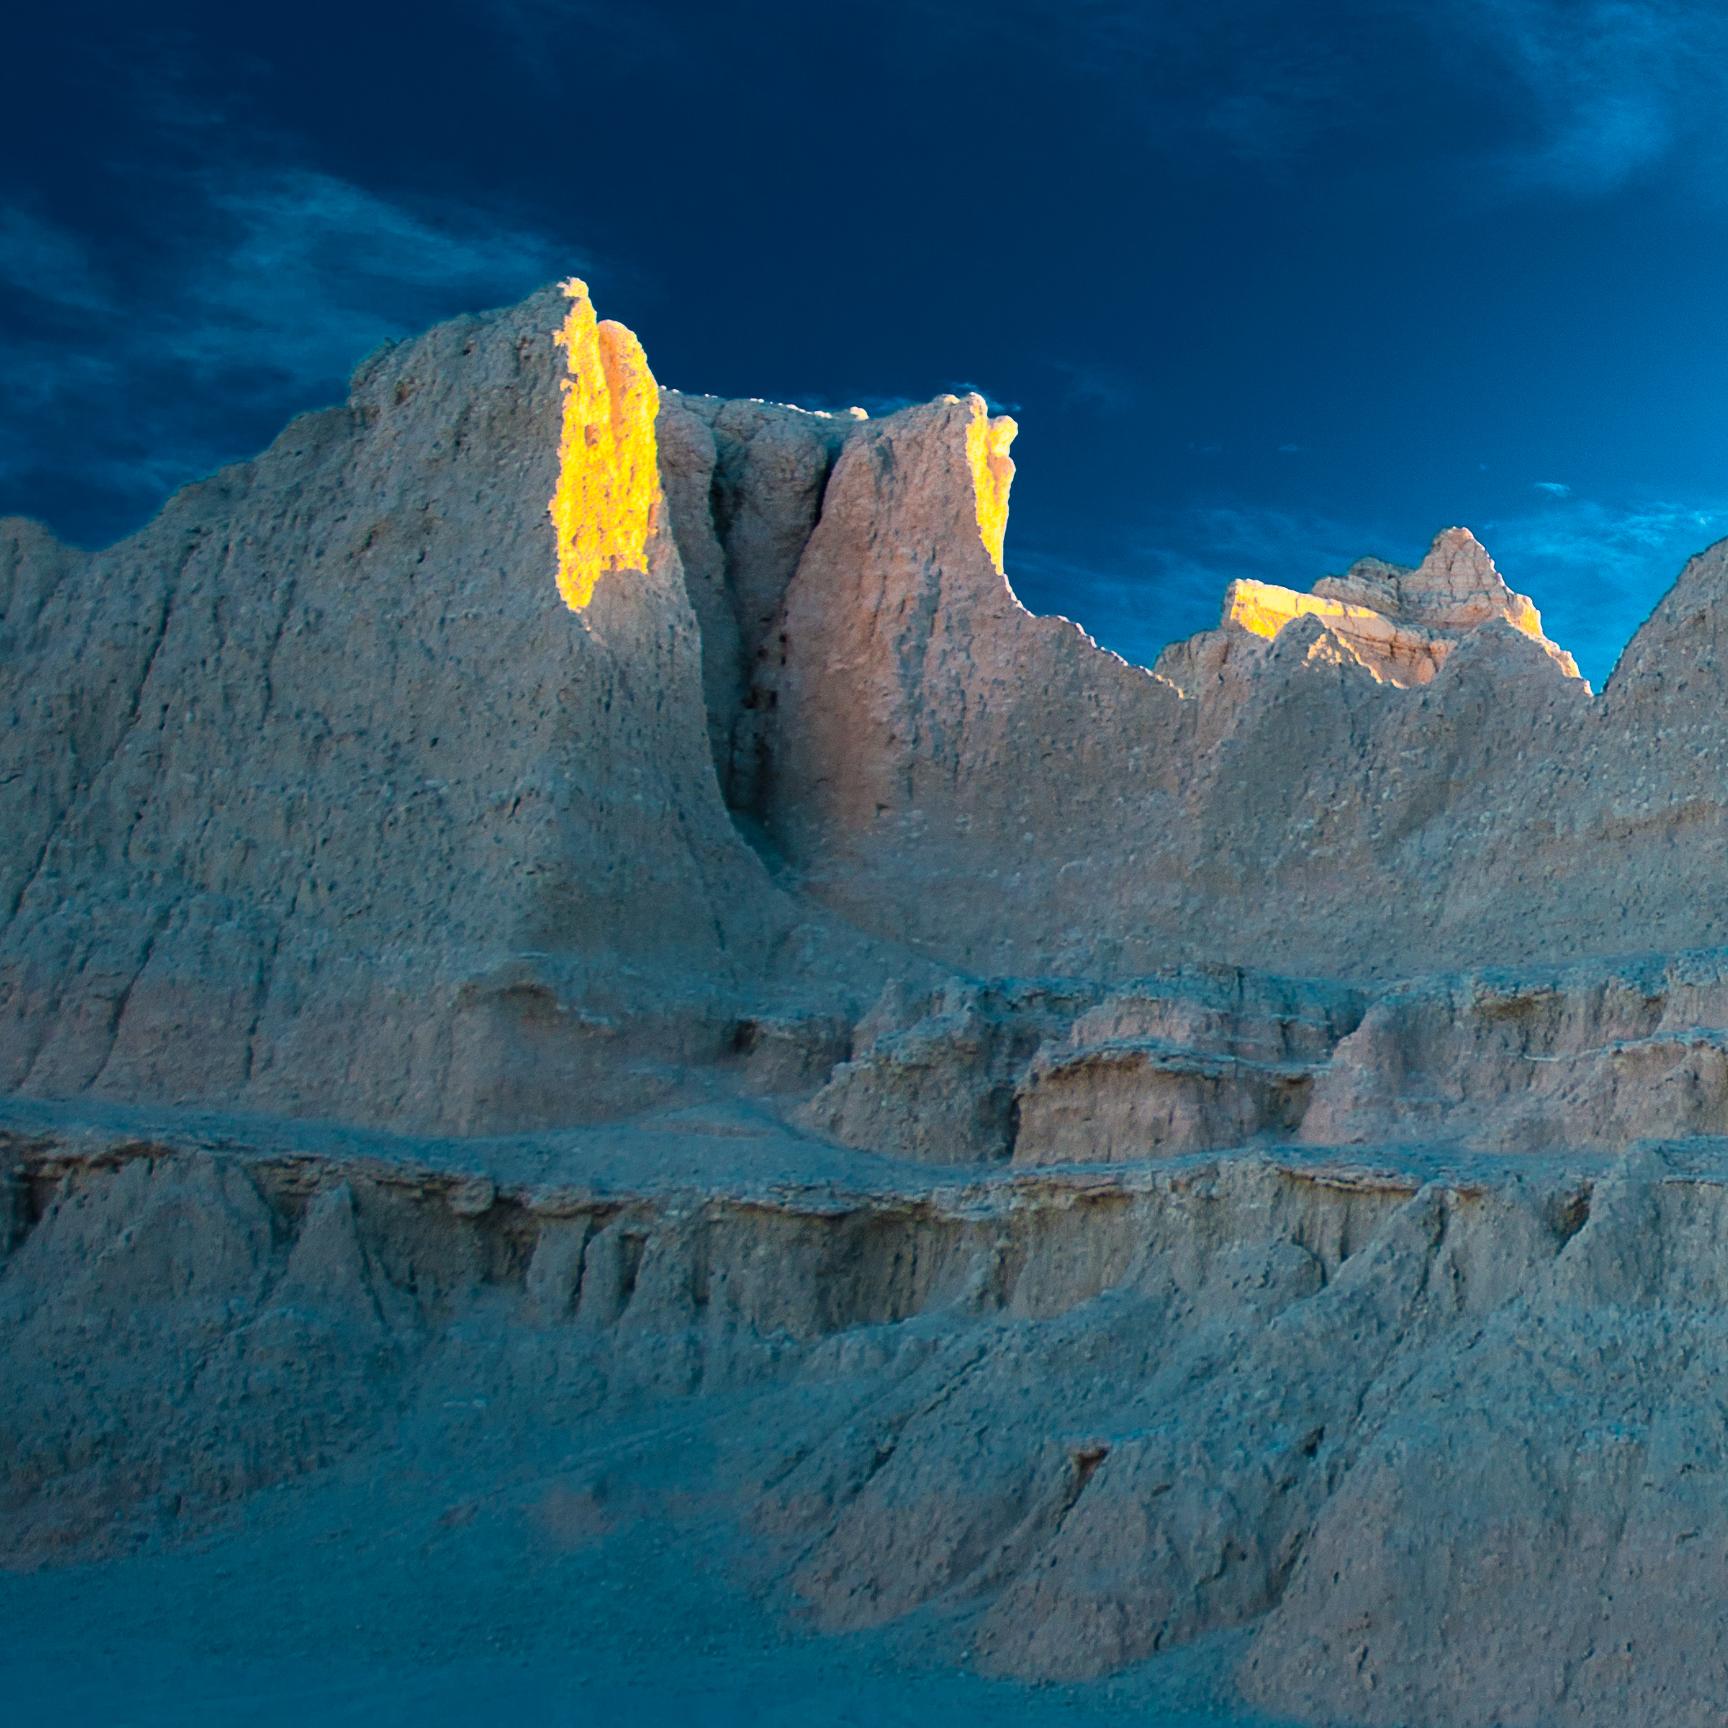 Badlands Sunrise - Badlands National Park